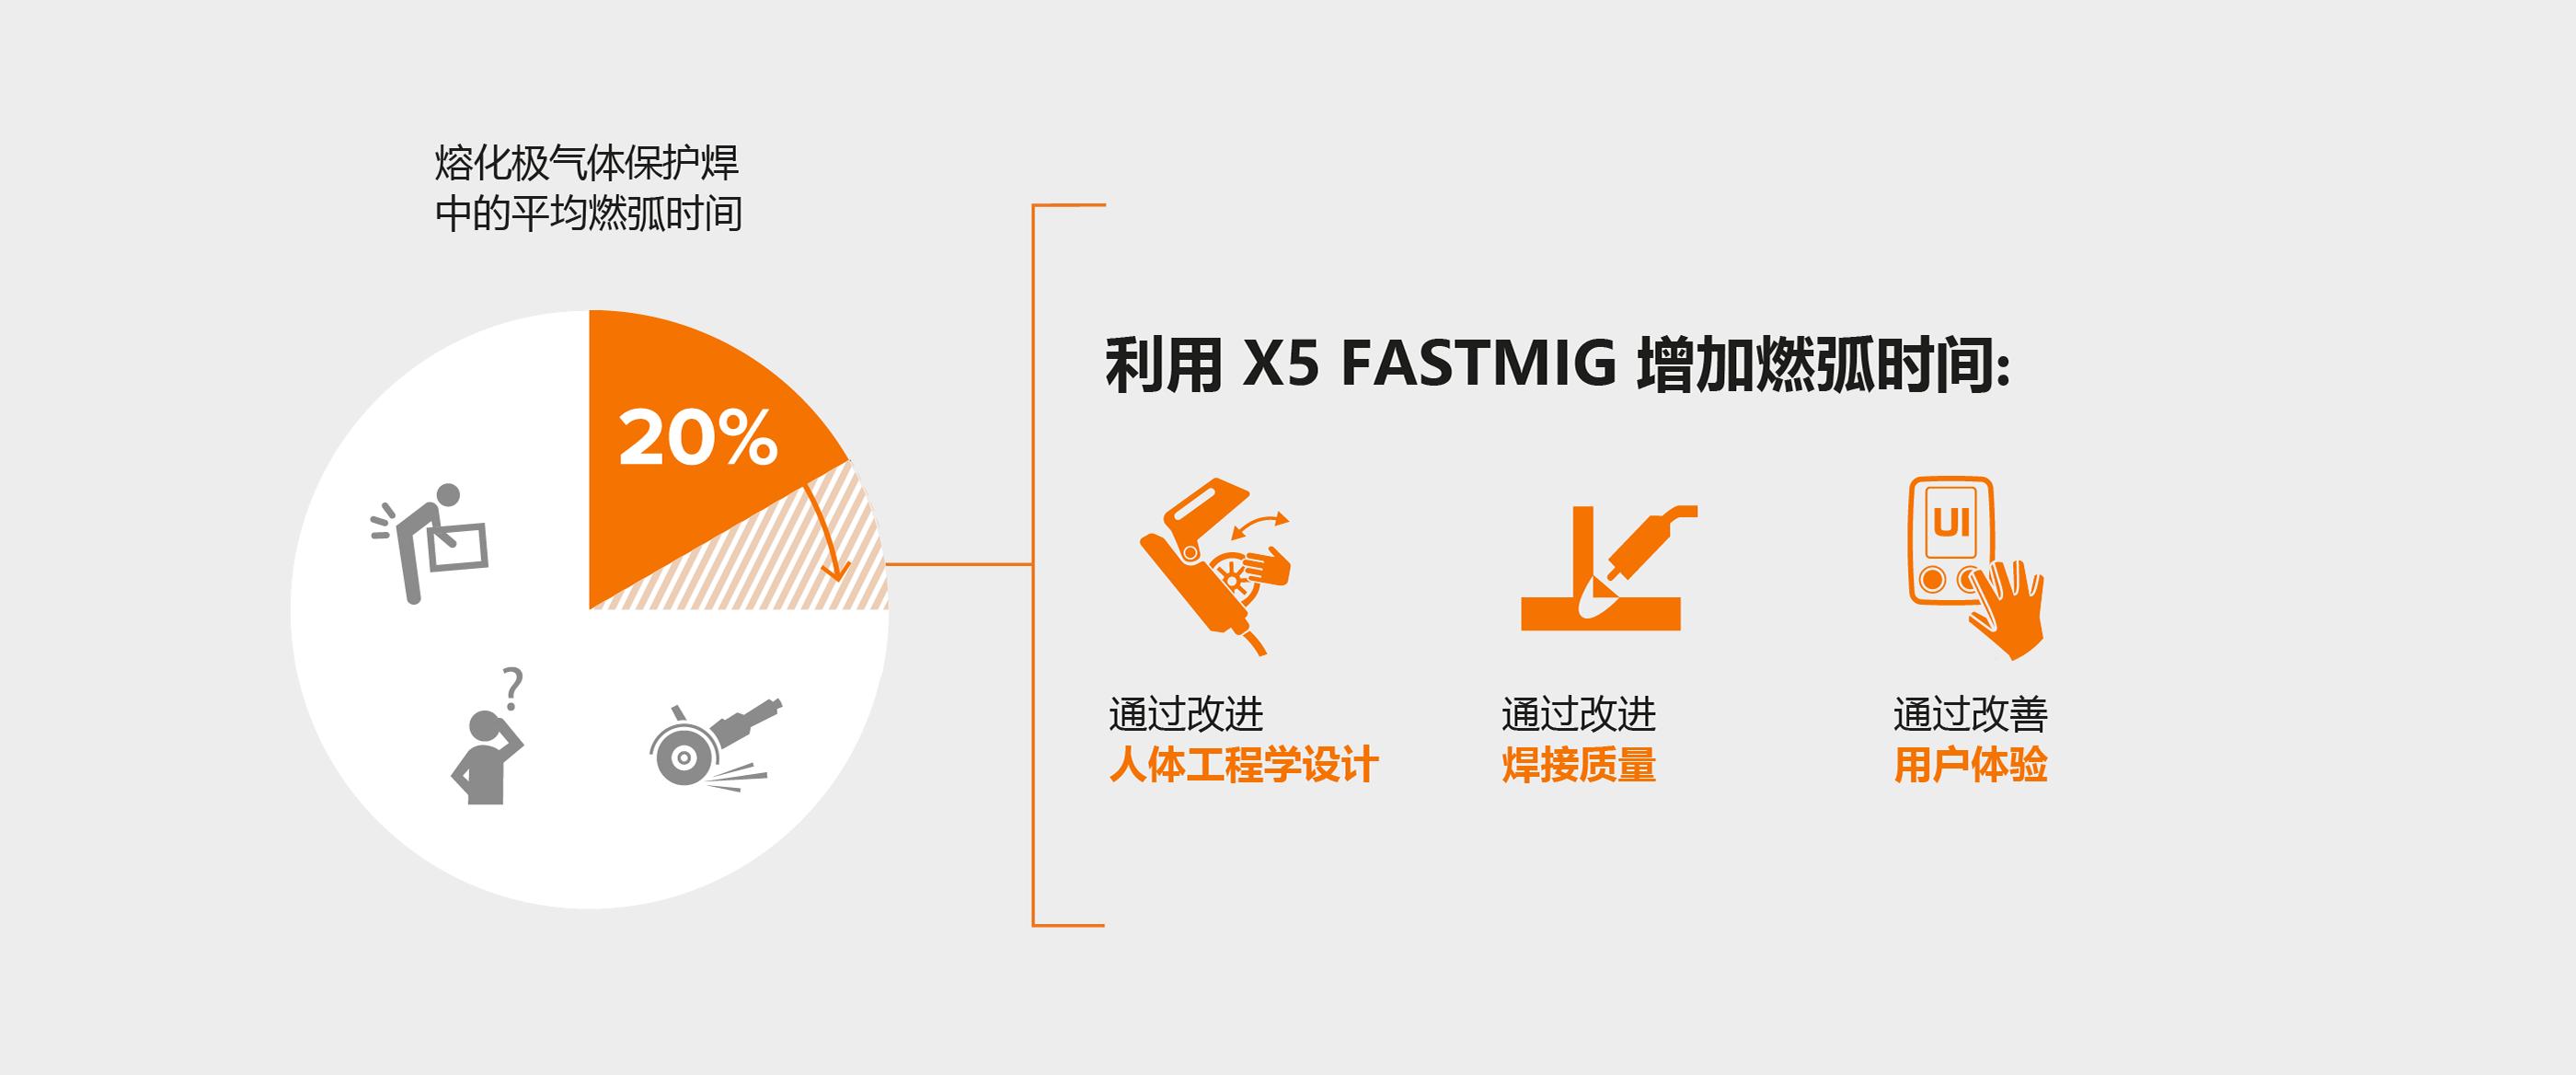 如何利用 X5 FastMig 延长起弧时间